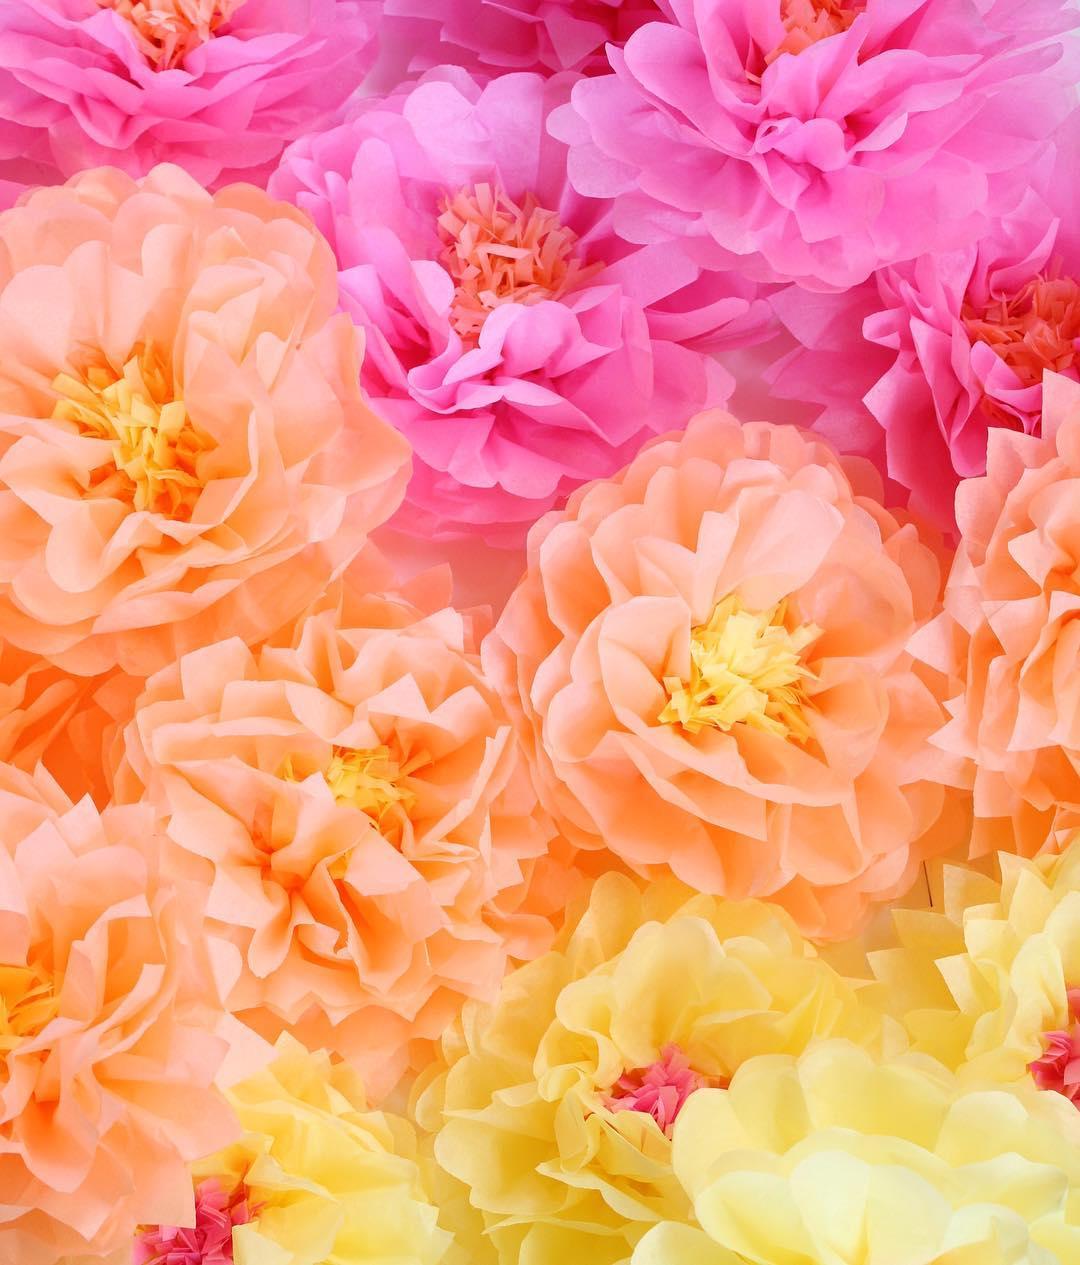 tissueflowers.jpg